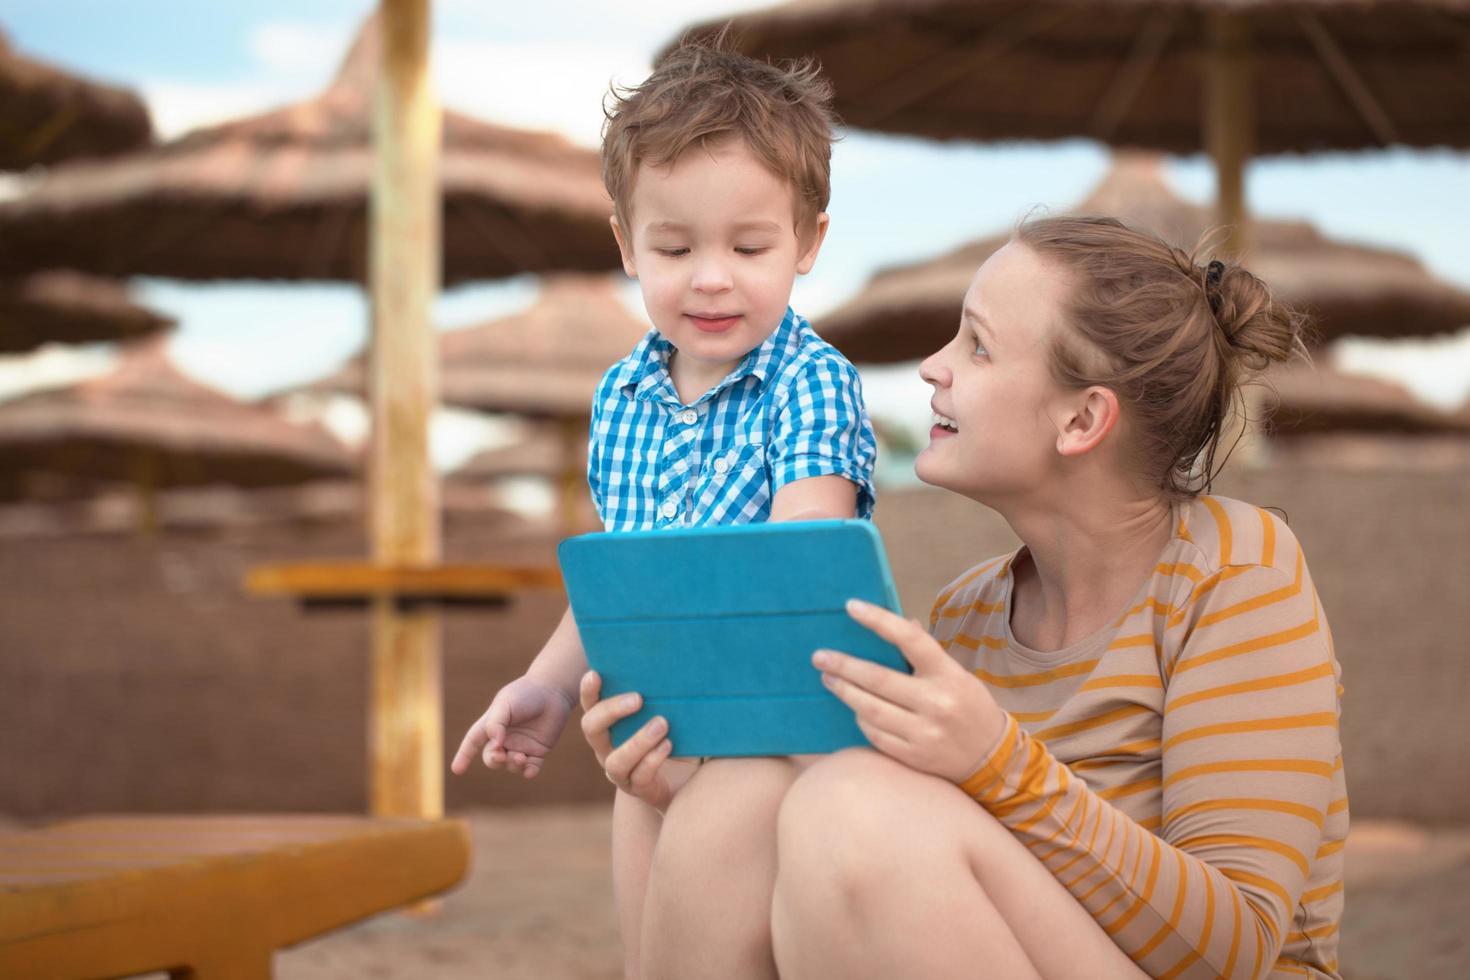 menino e mãe usando um tablet foto